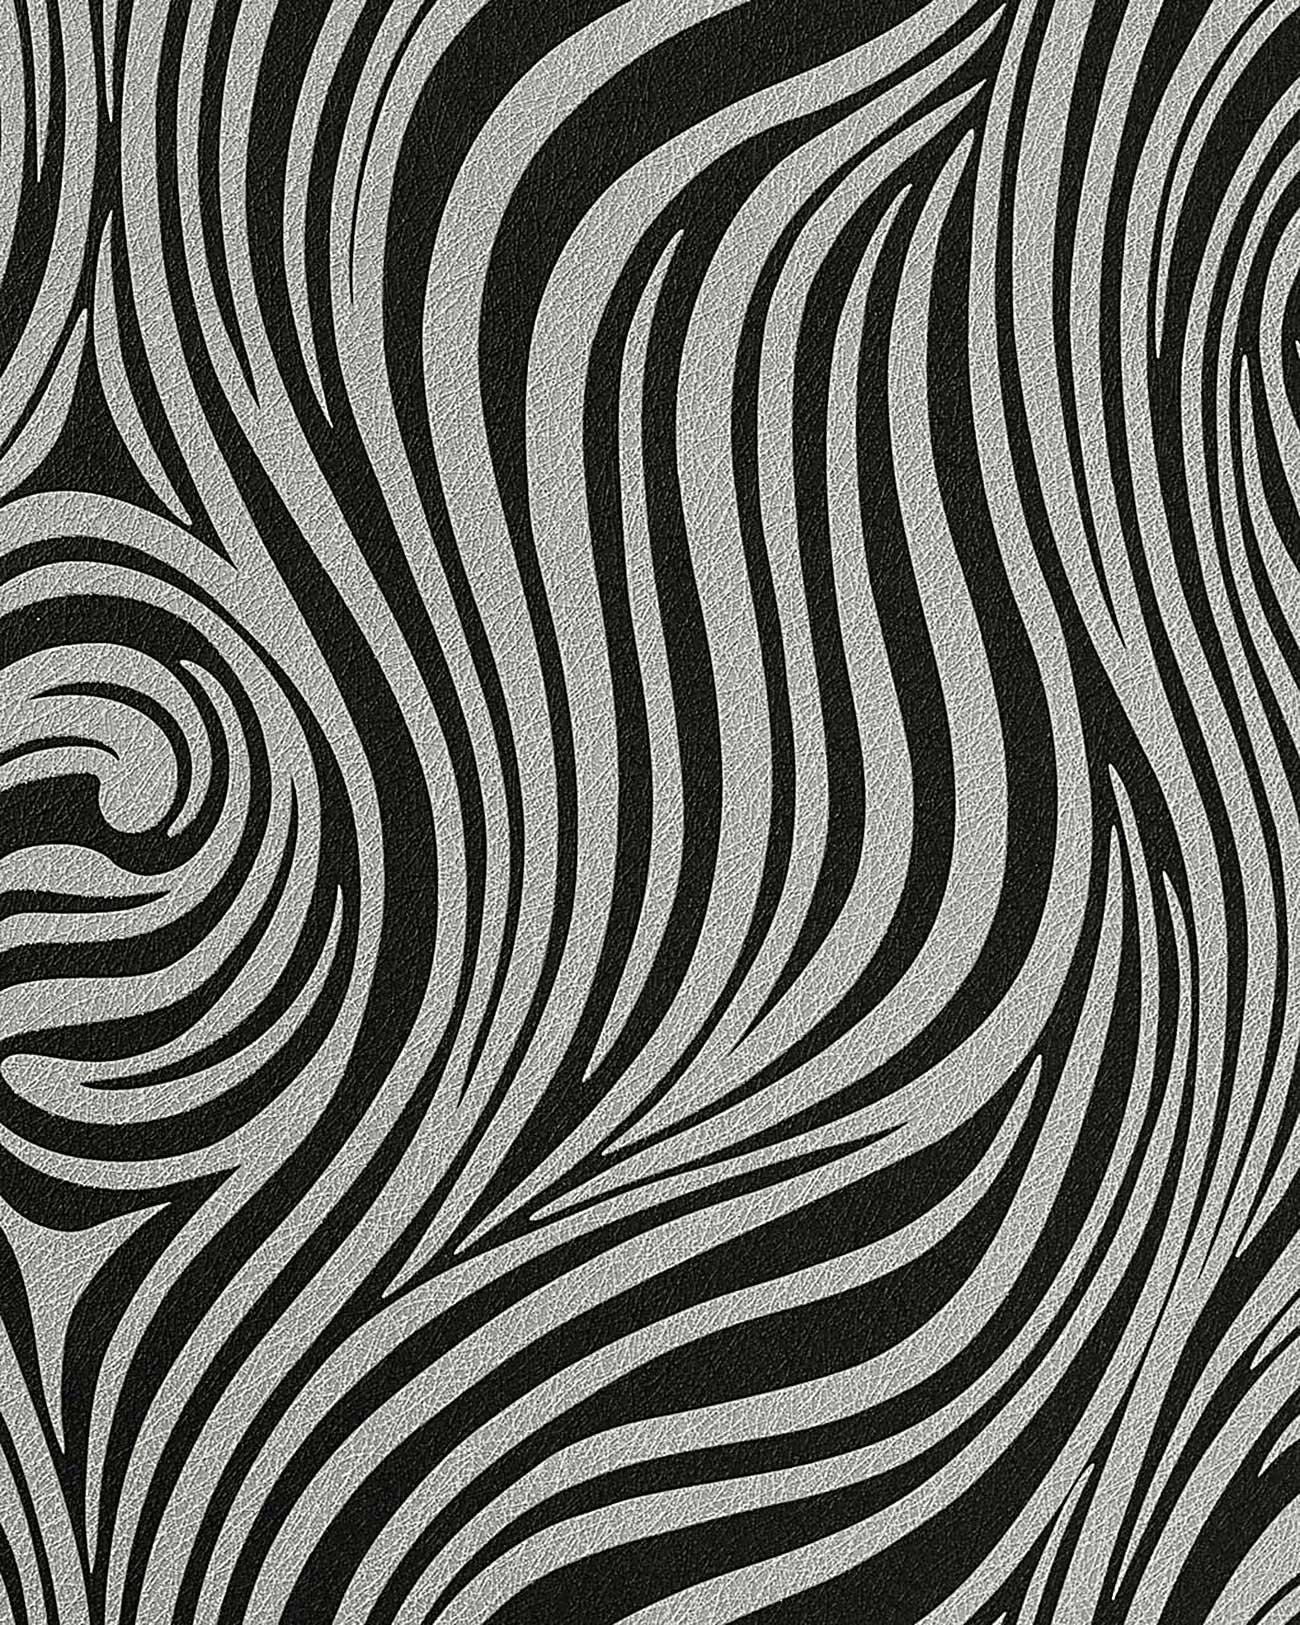 Neo behang met zebra strepen edem 1016 16 zwart antraciet zilver grijs origineel edem bij - Behang zebra ...